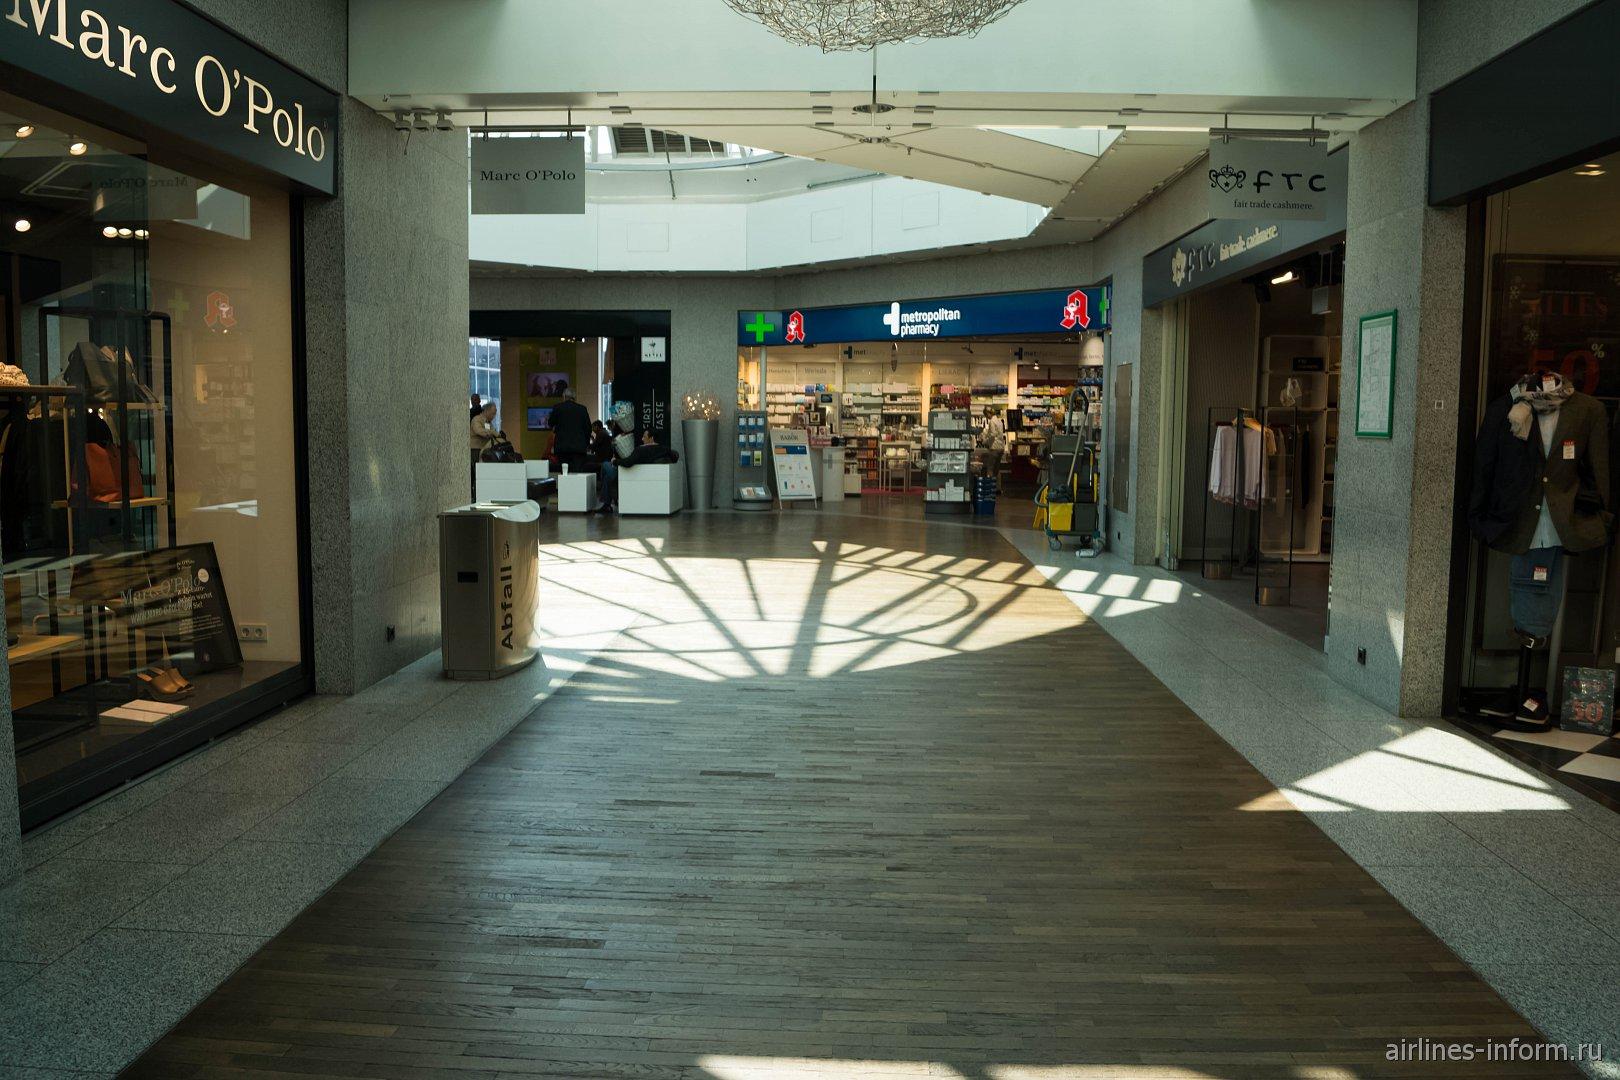 Магазины в терминале 1 аэропорта Франкфурт-на-Майне